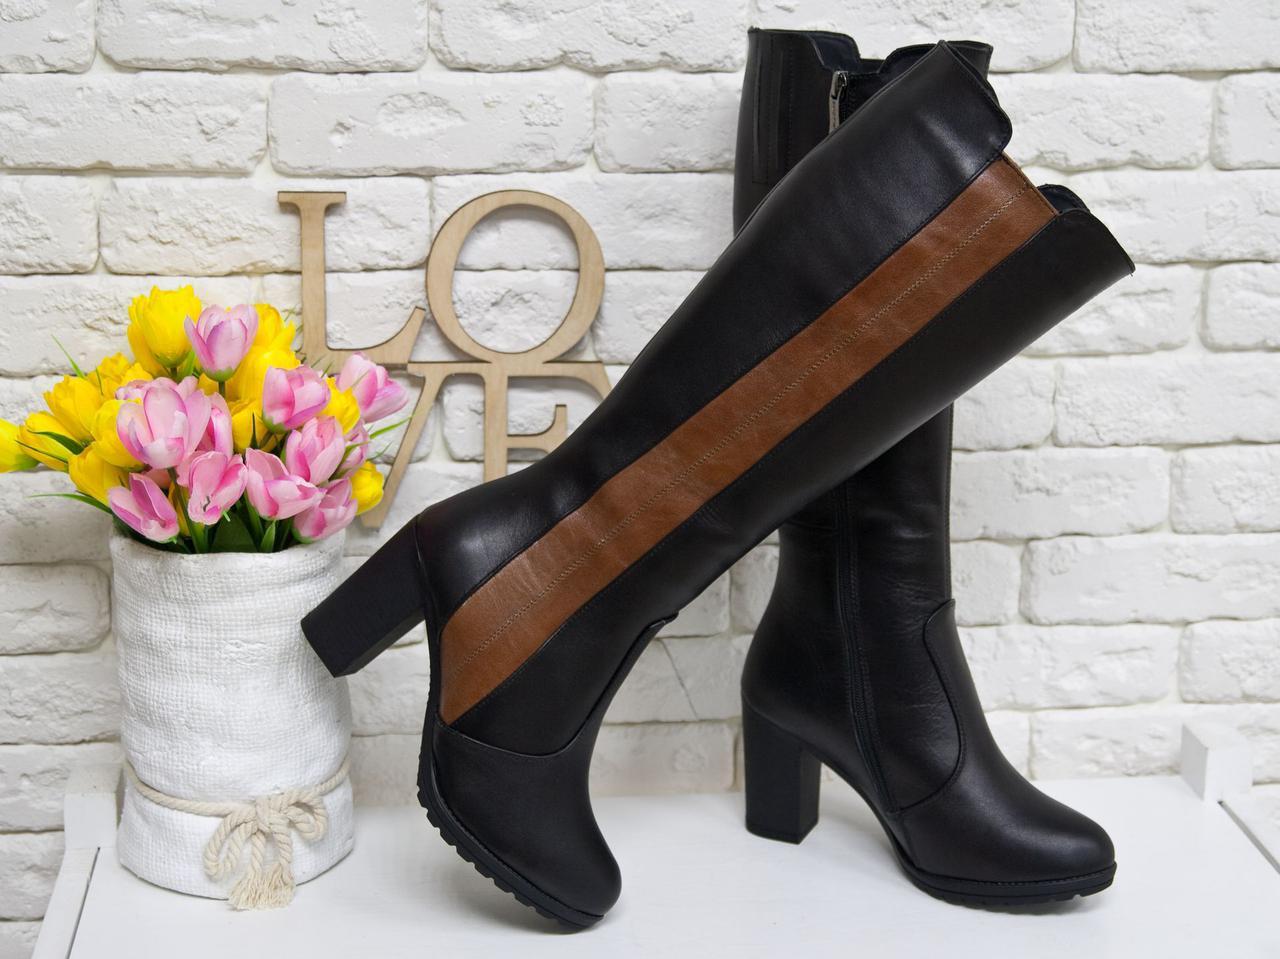 28873554c Сапоги женские из натуральной кожи черного и коричневого цвета на не  высоком устойчивом каблуке, коллекция